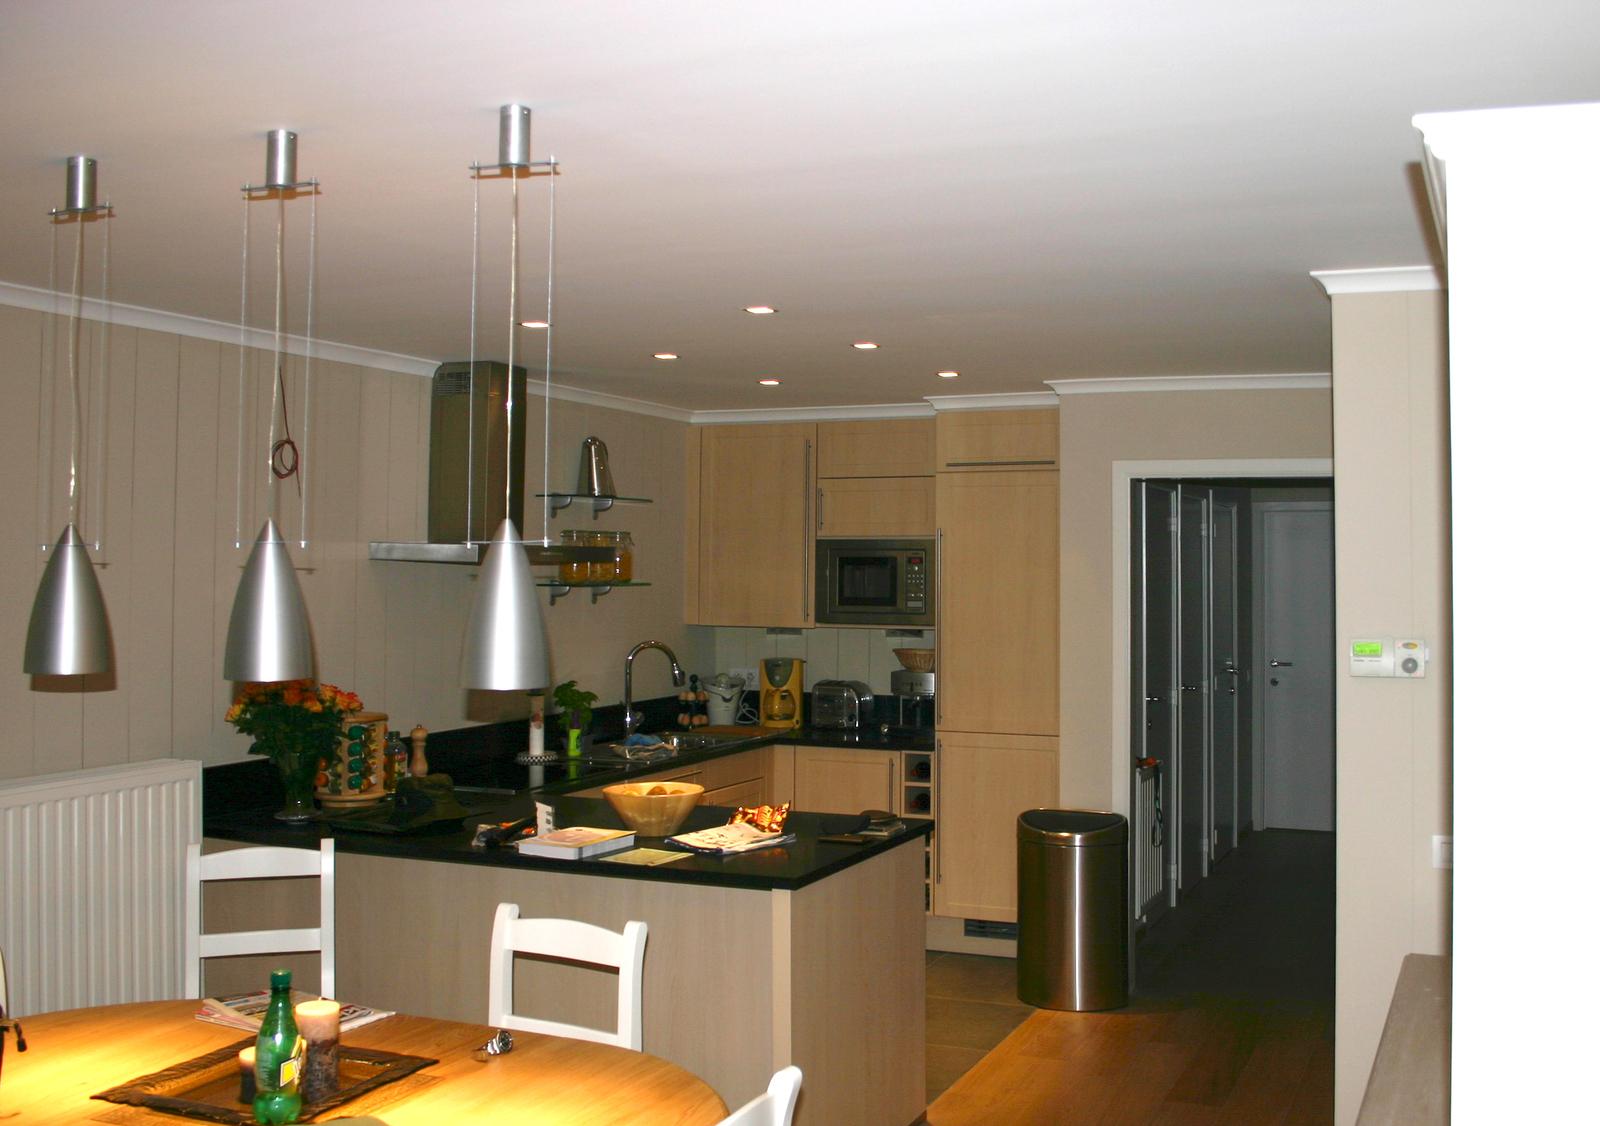 Cuisine et salle de bain bruxelles atelier orloff for Atelier cuisine bruxelles